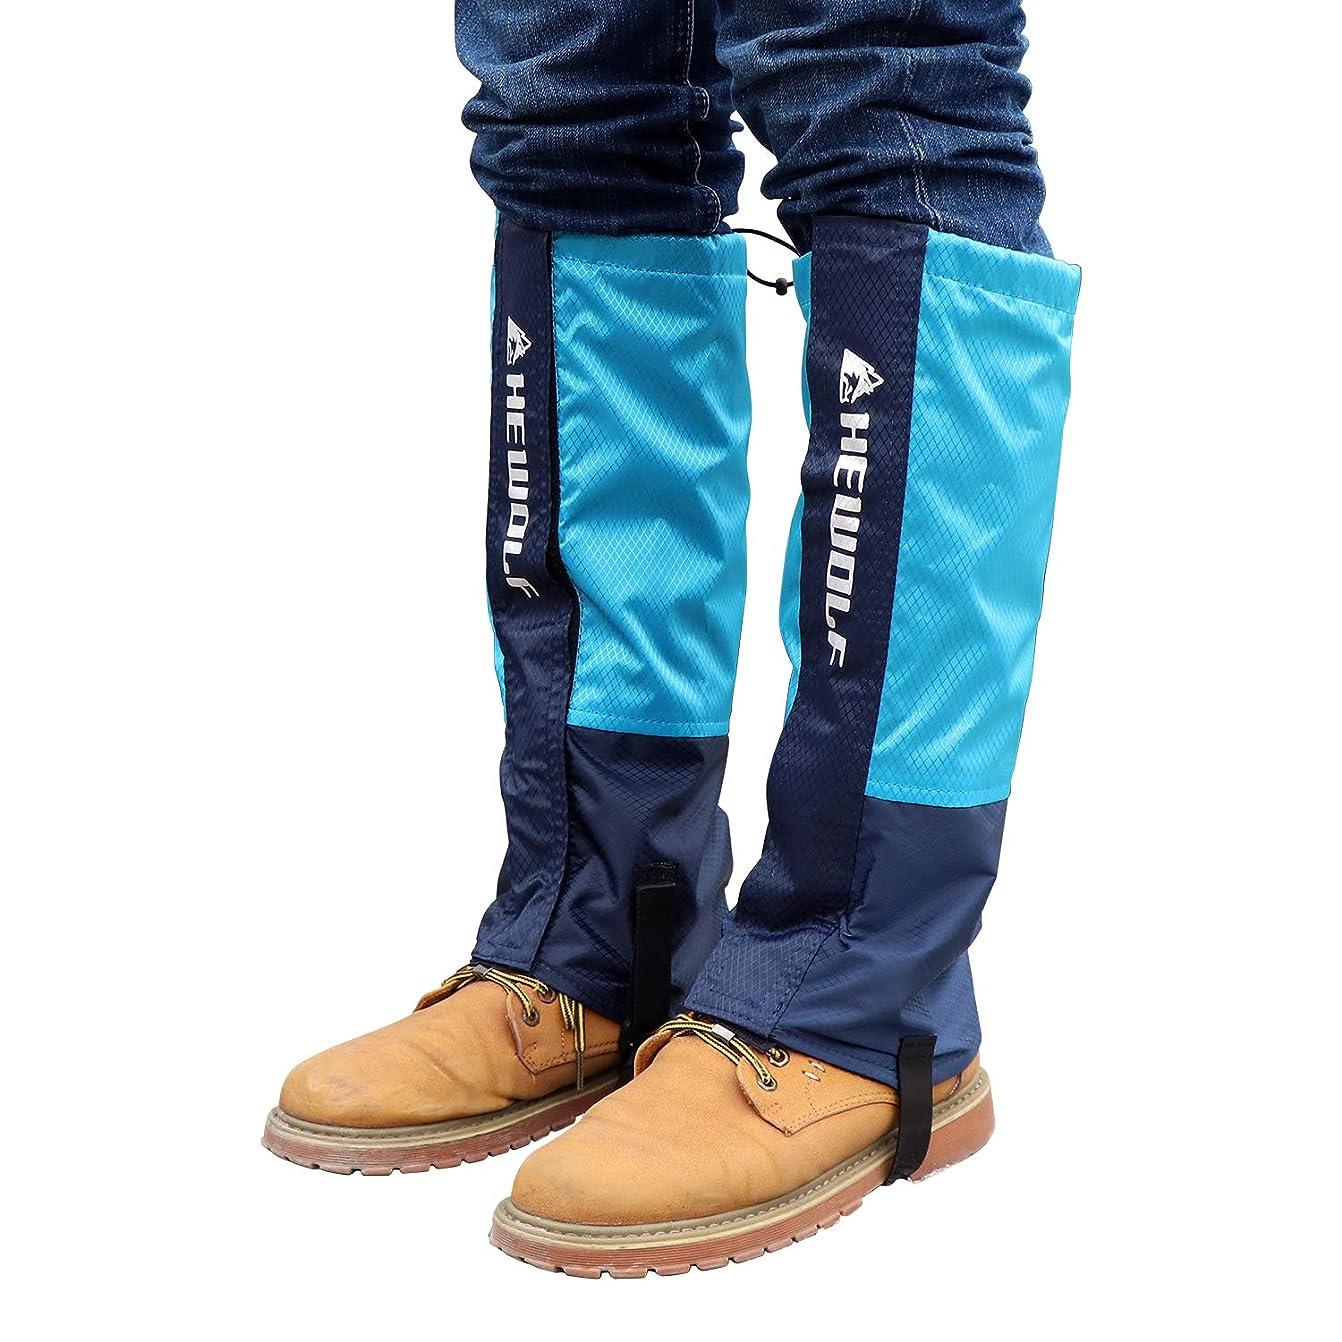 イベントスリチンモイ獲物スパッツ 登山ゲイター ューズカバー 防水 泥除け 雨よけ 靴カバー 防水靴 収納袋付き 雪対策 男女兼用?? 2タイプL/M トレッキング アウトドアに適用 3色選べ 厚いと通気